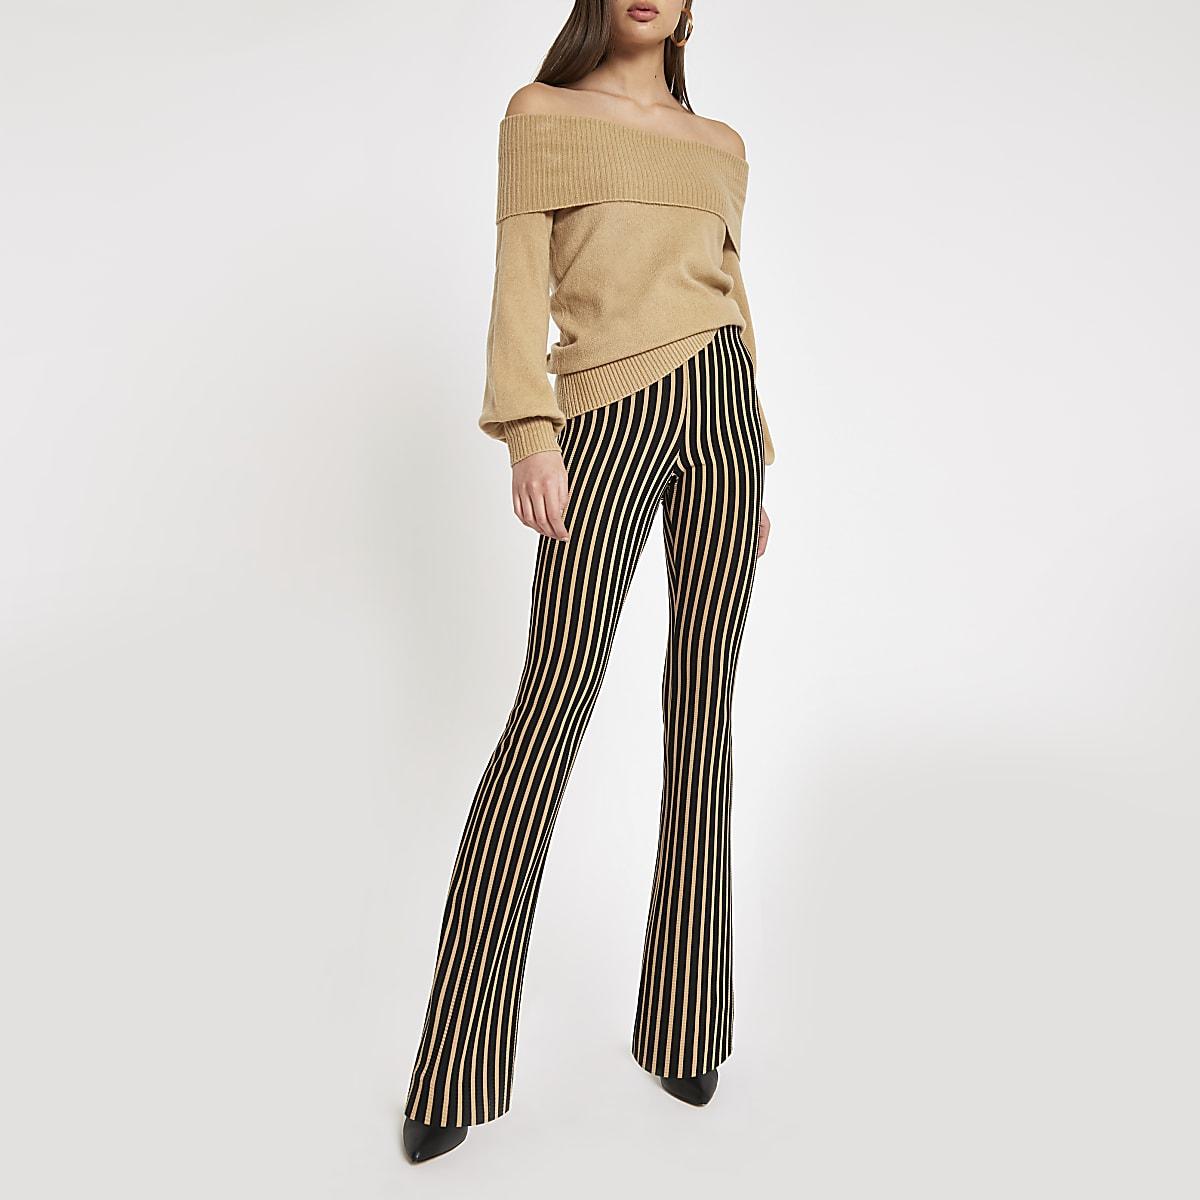 Pantalon évasé rayé beige